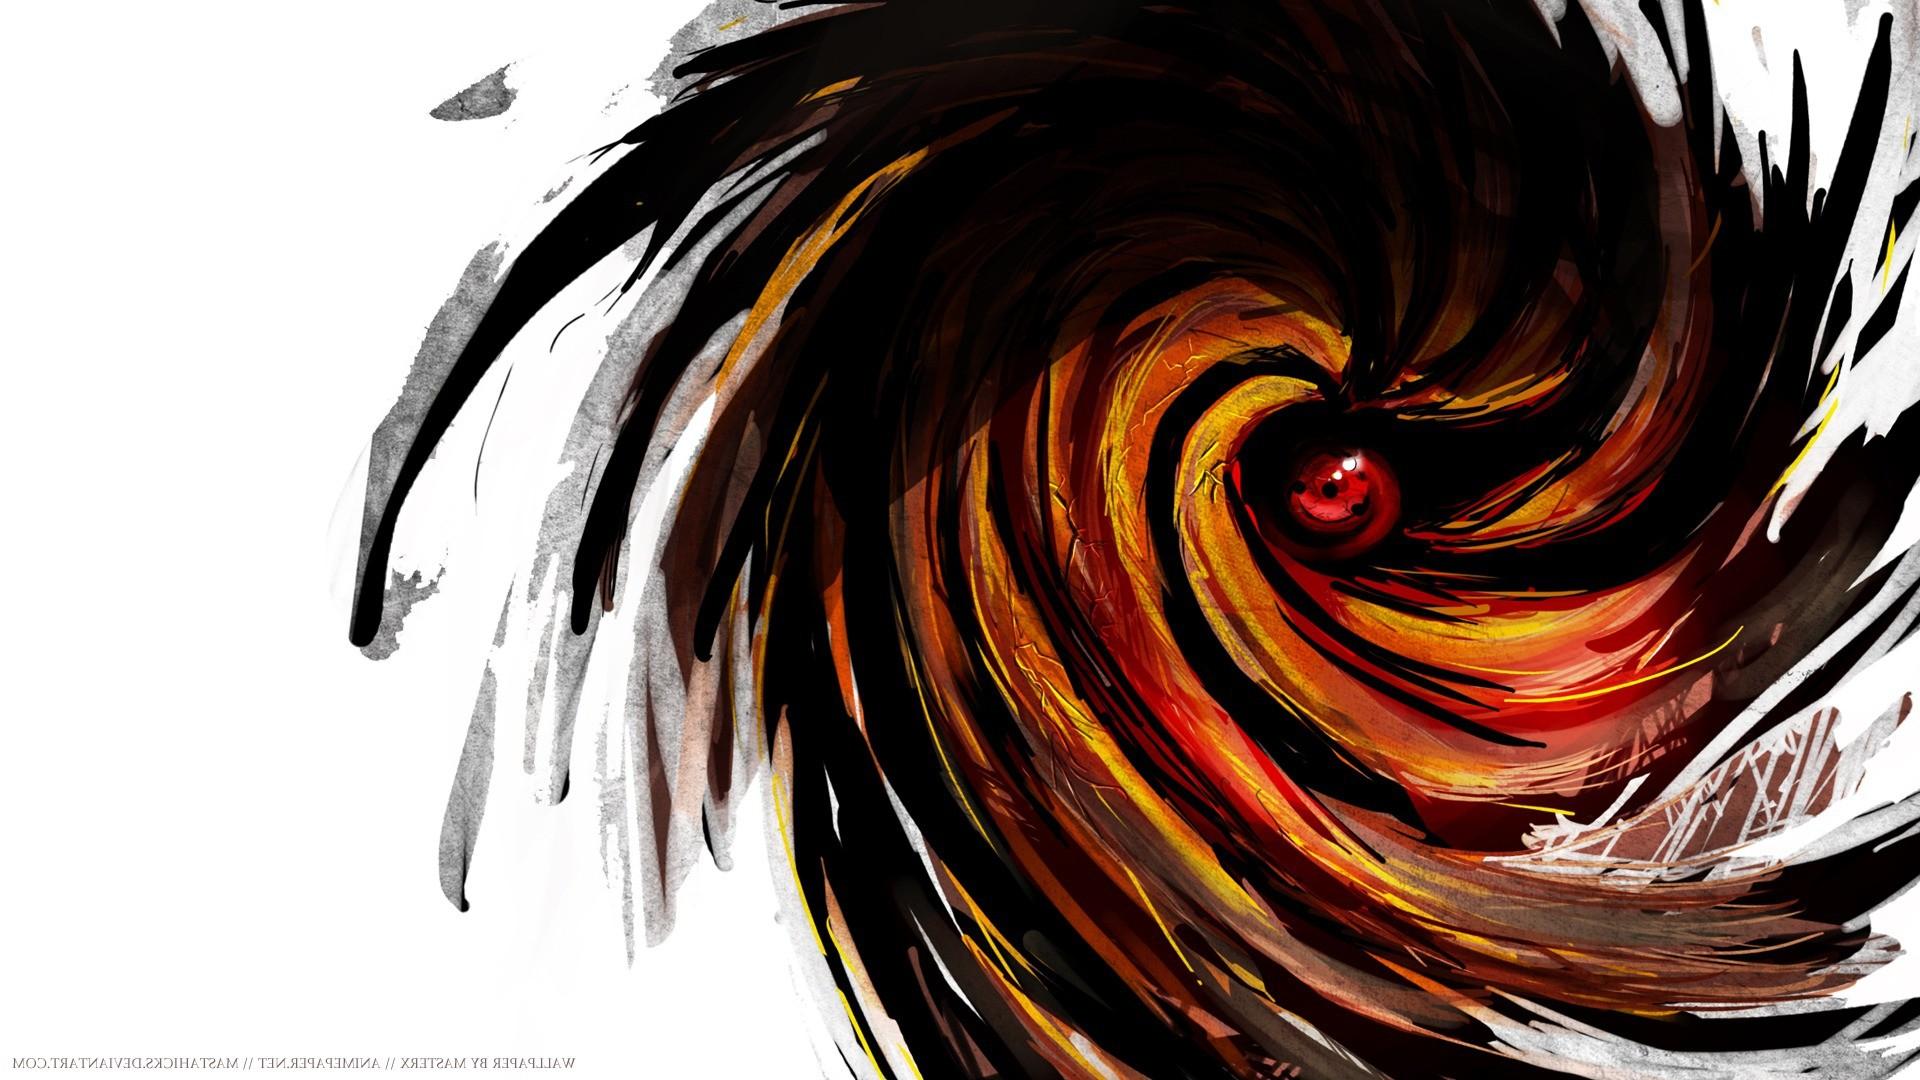 Naruto Tobi Wallpaper (58+ Images